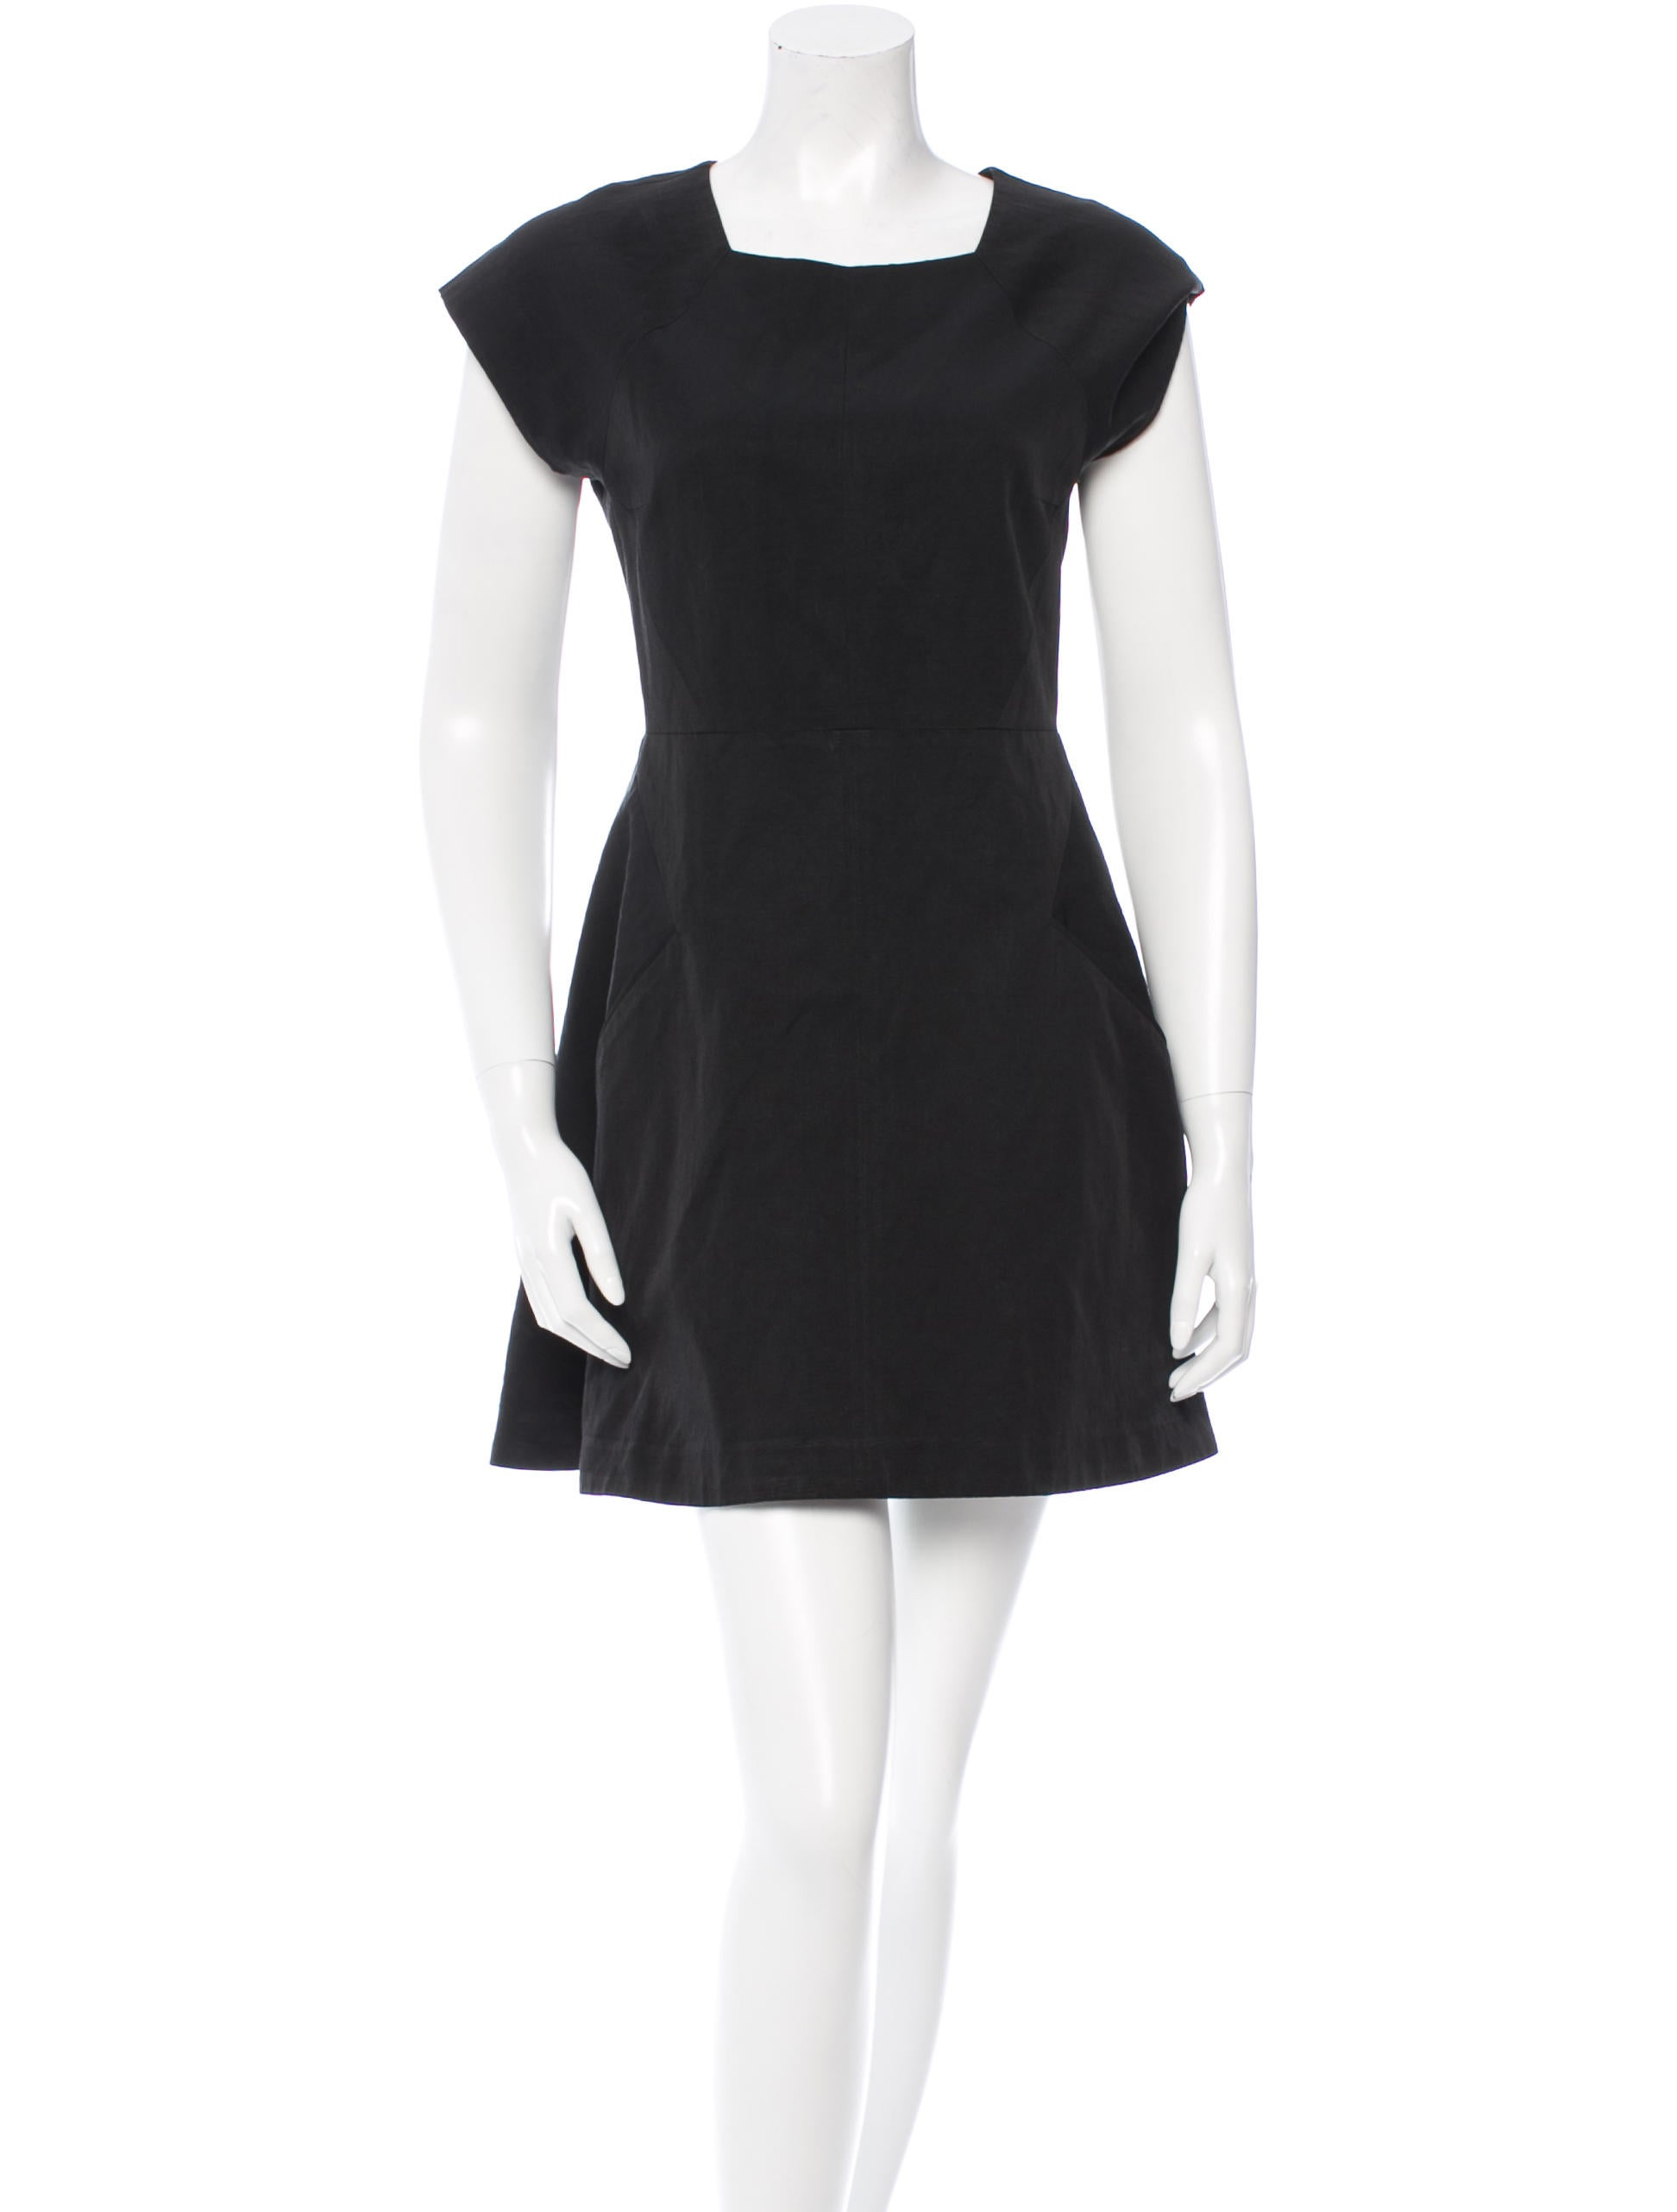 7c67bcafcb Theyskens  Theory A-Line Mini Dress - Clothing - WTHYS23965